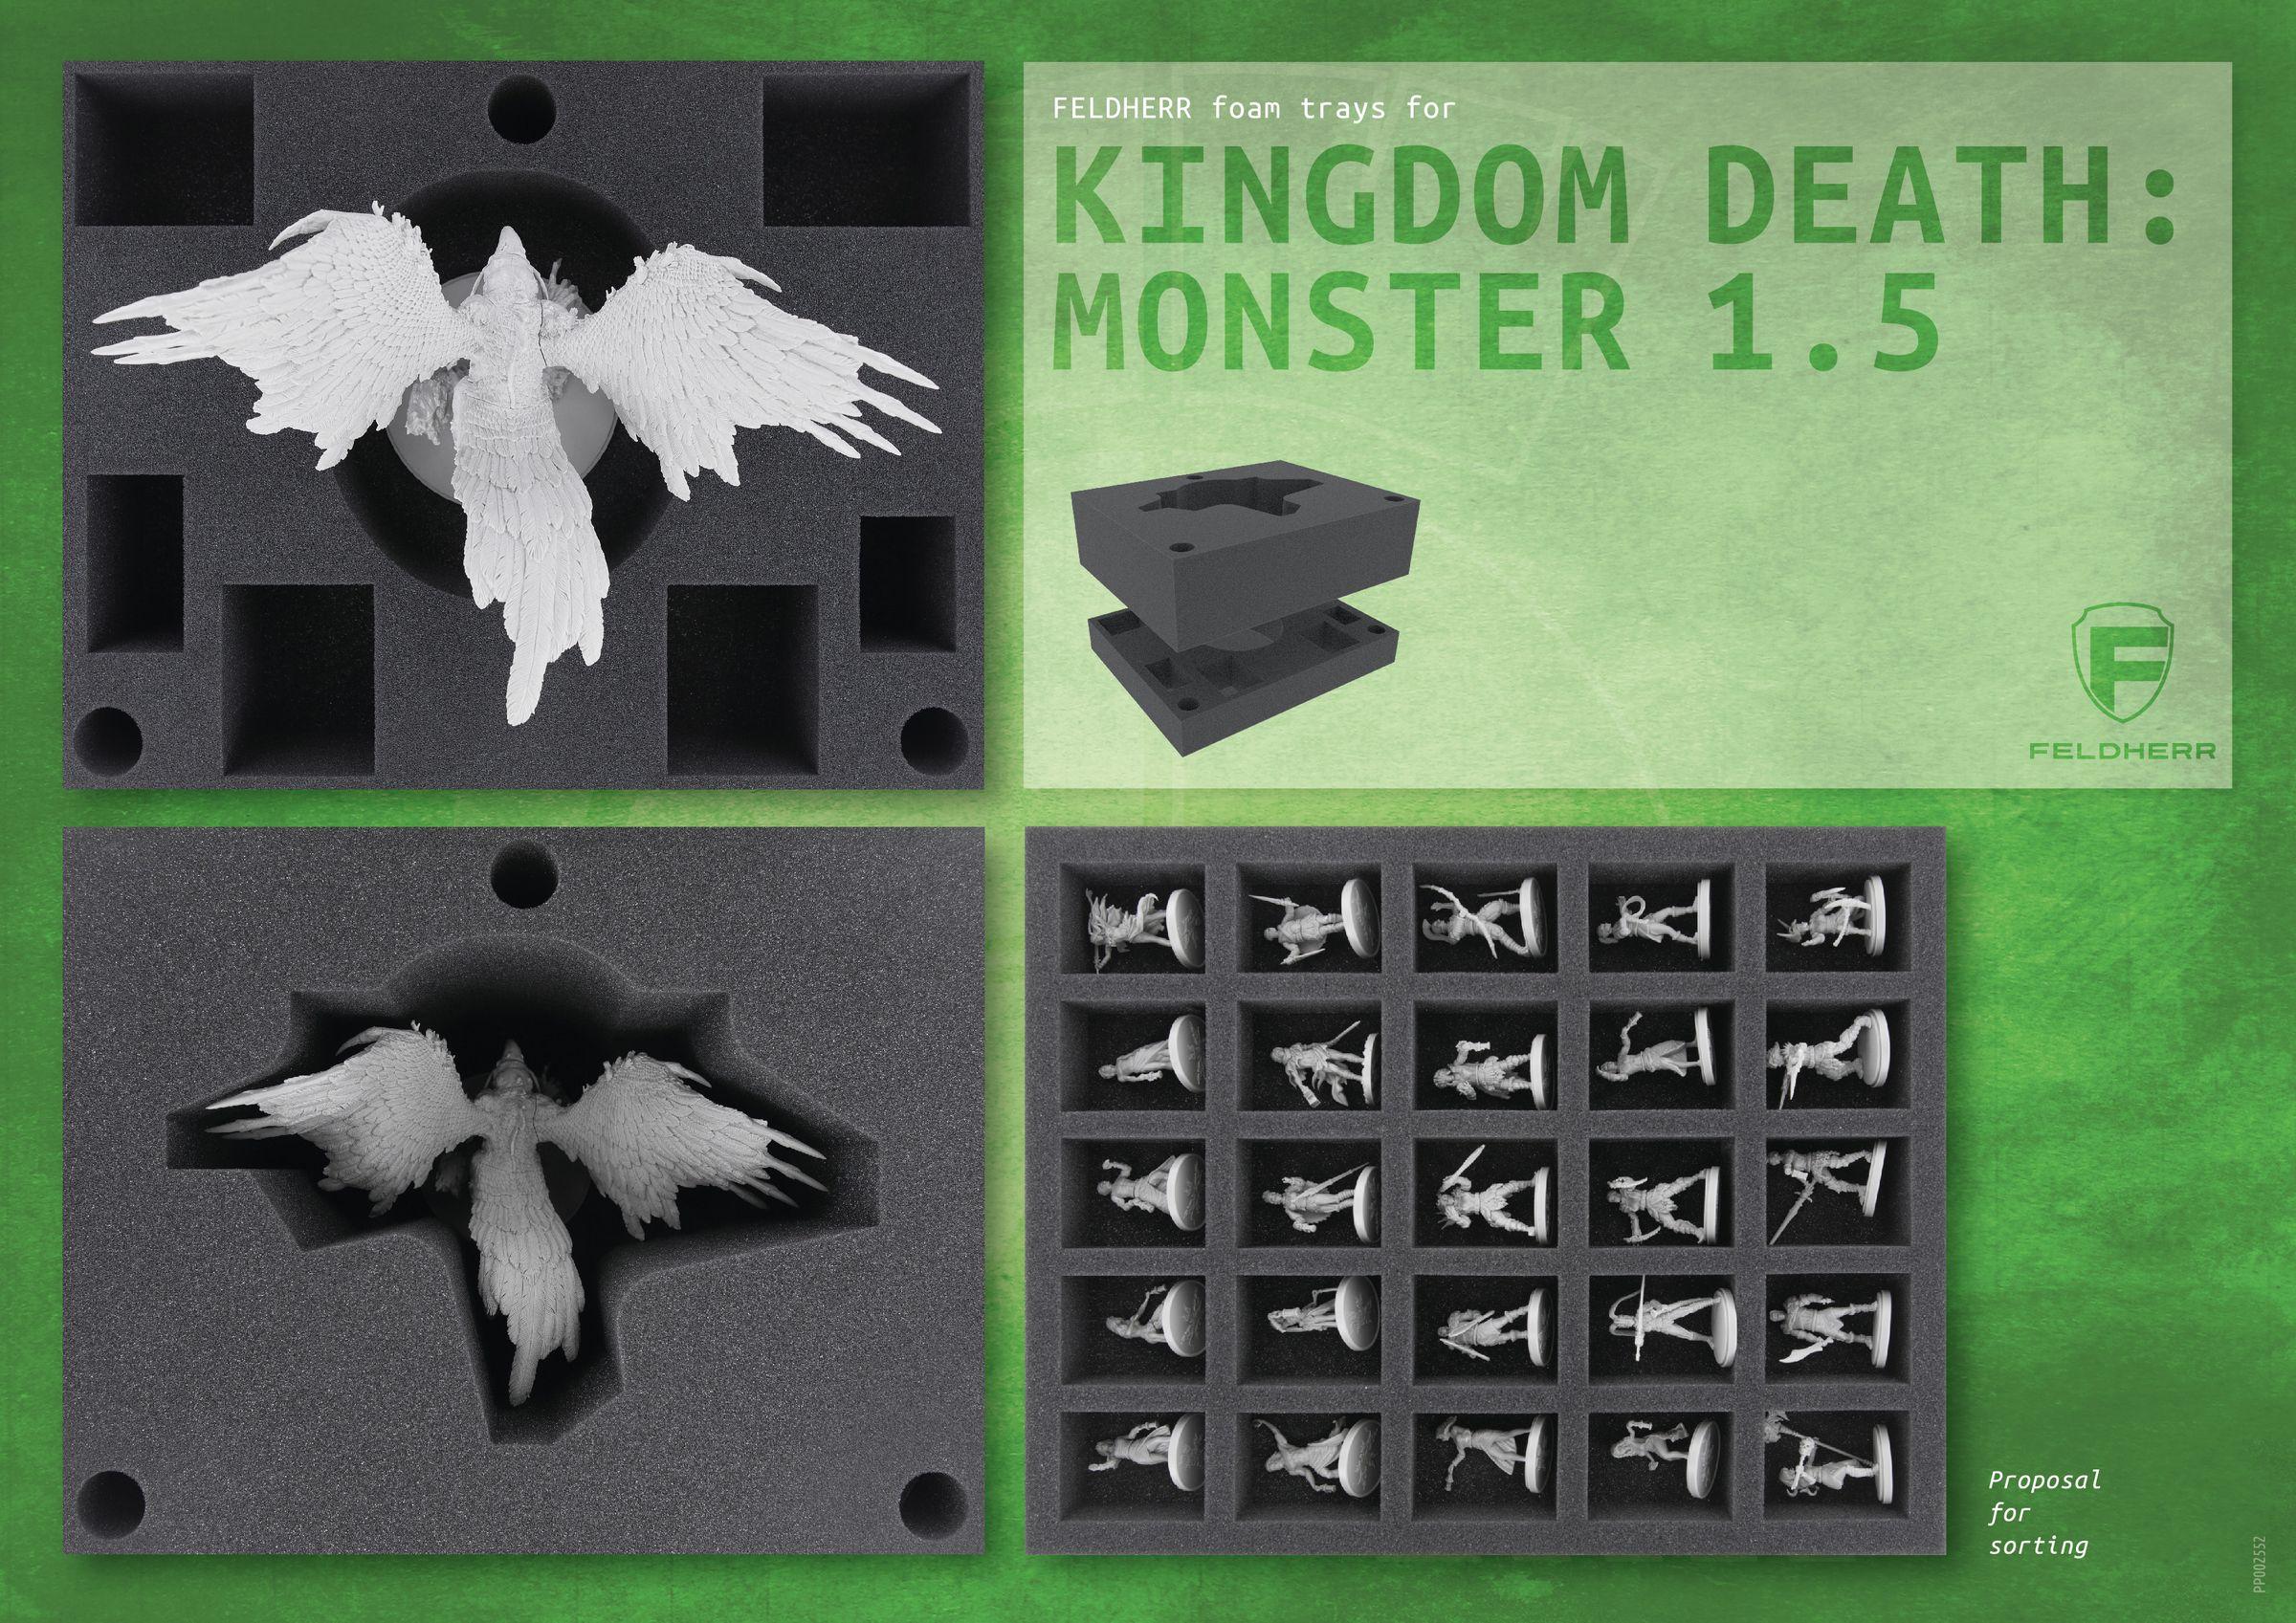 PP002552 - Flyer for Kingdom Death: Monster 1.5